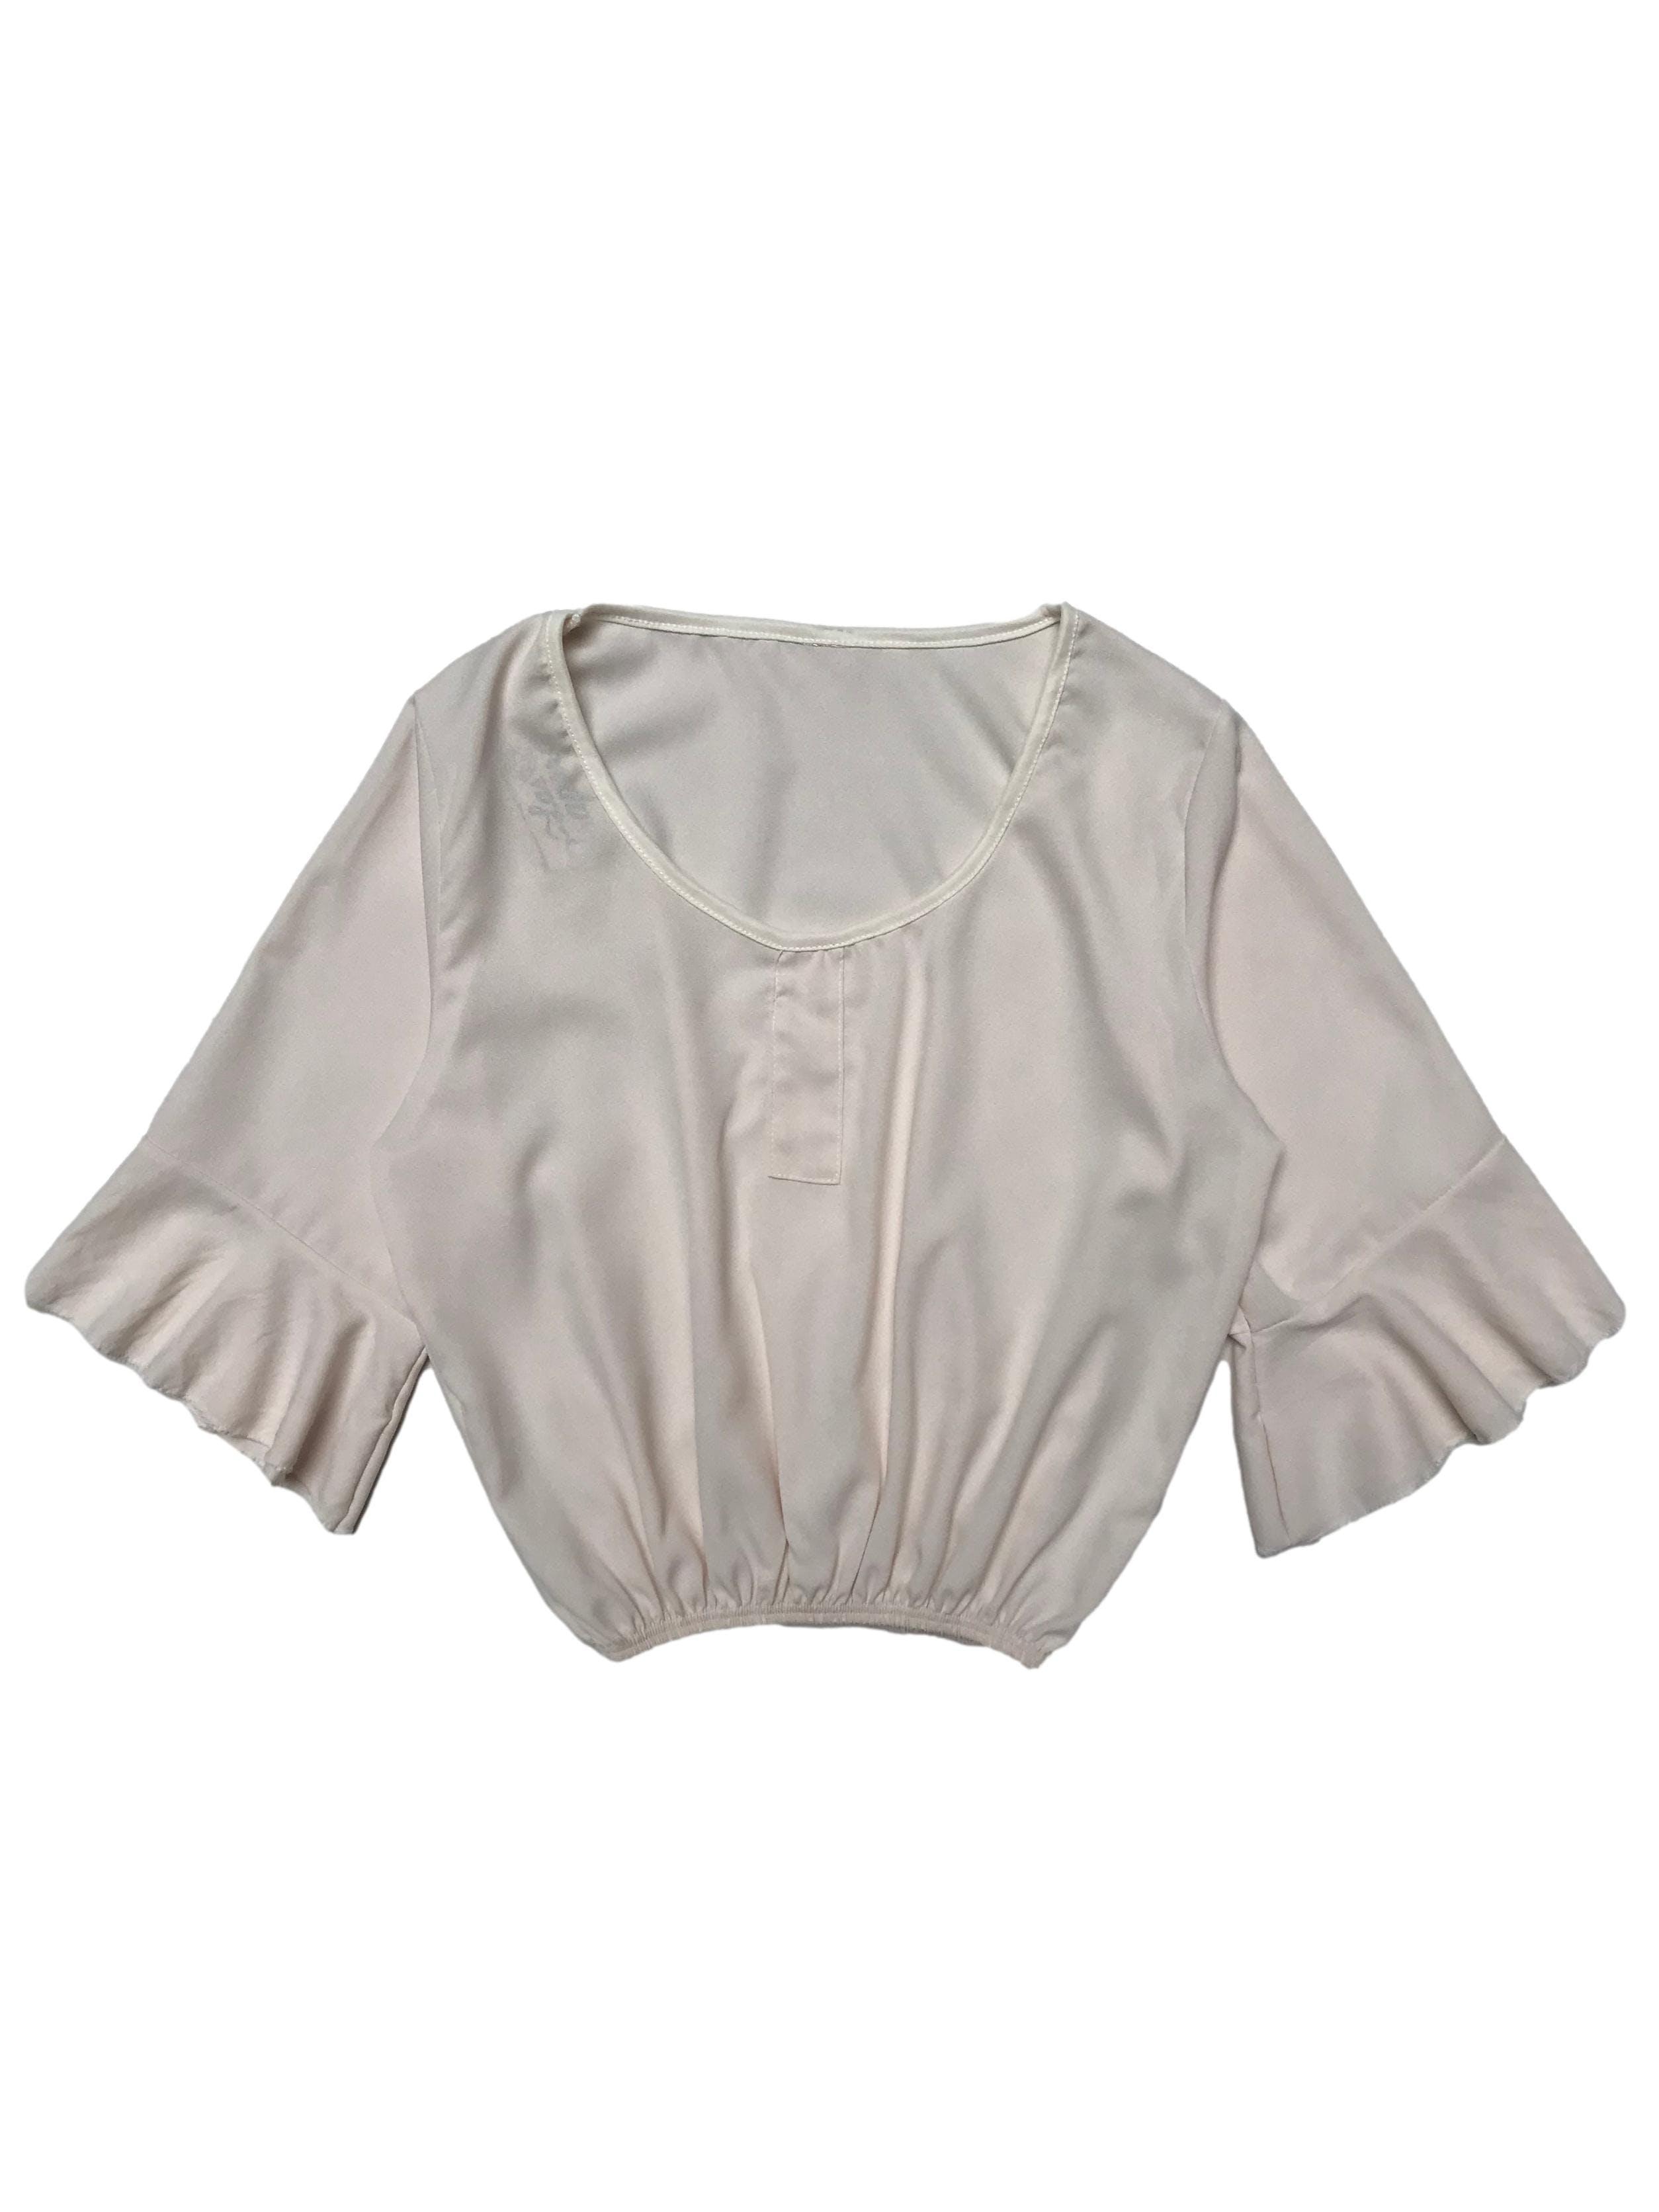 Blusa cuello redondo con mangas 3/4 acampanadas y elástico en basta. Largo 45cm. Busto 95cm.